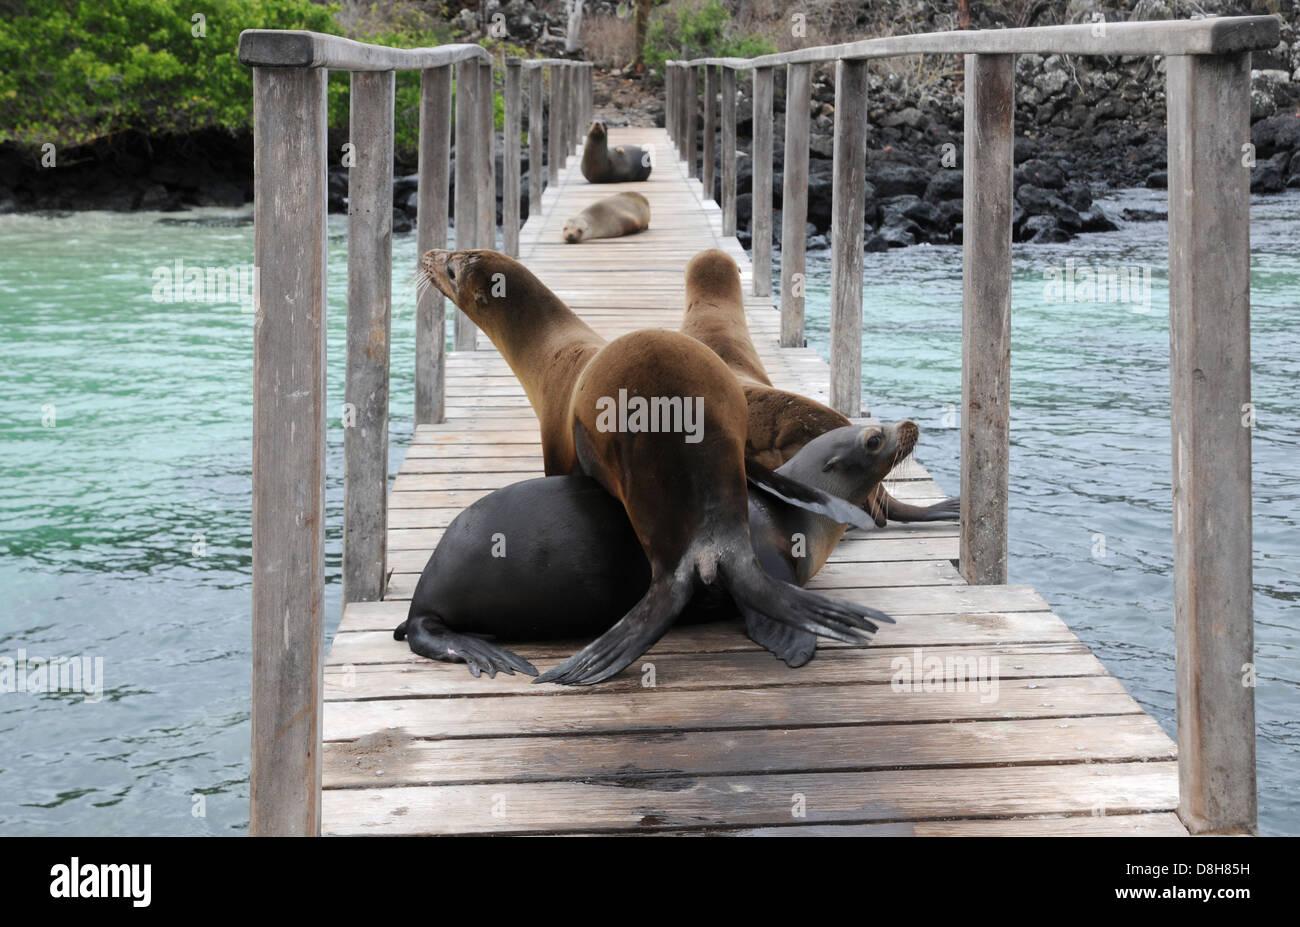 Willkommen auf Galapagos Stockbild